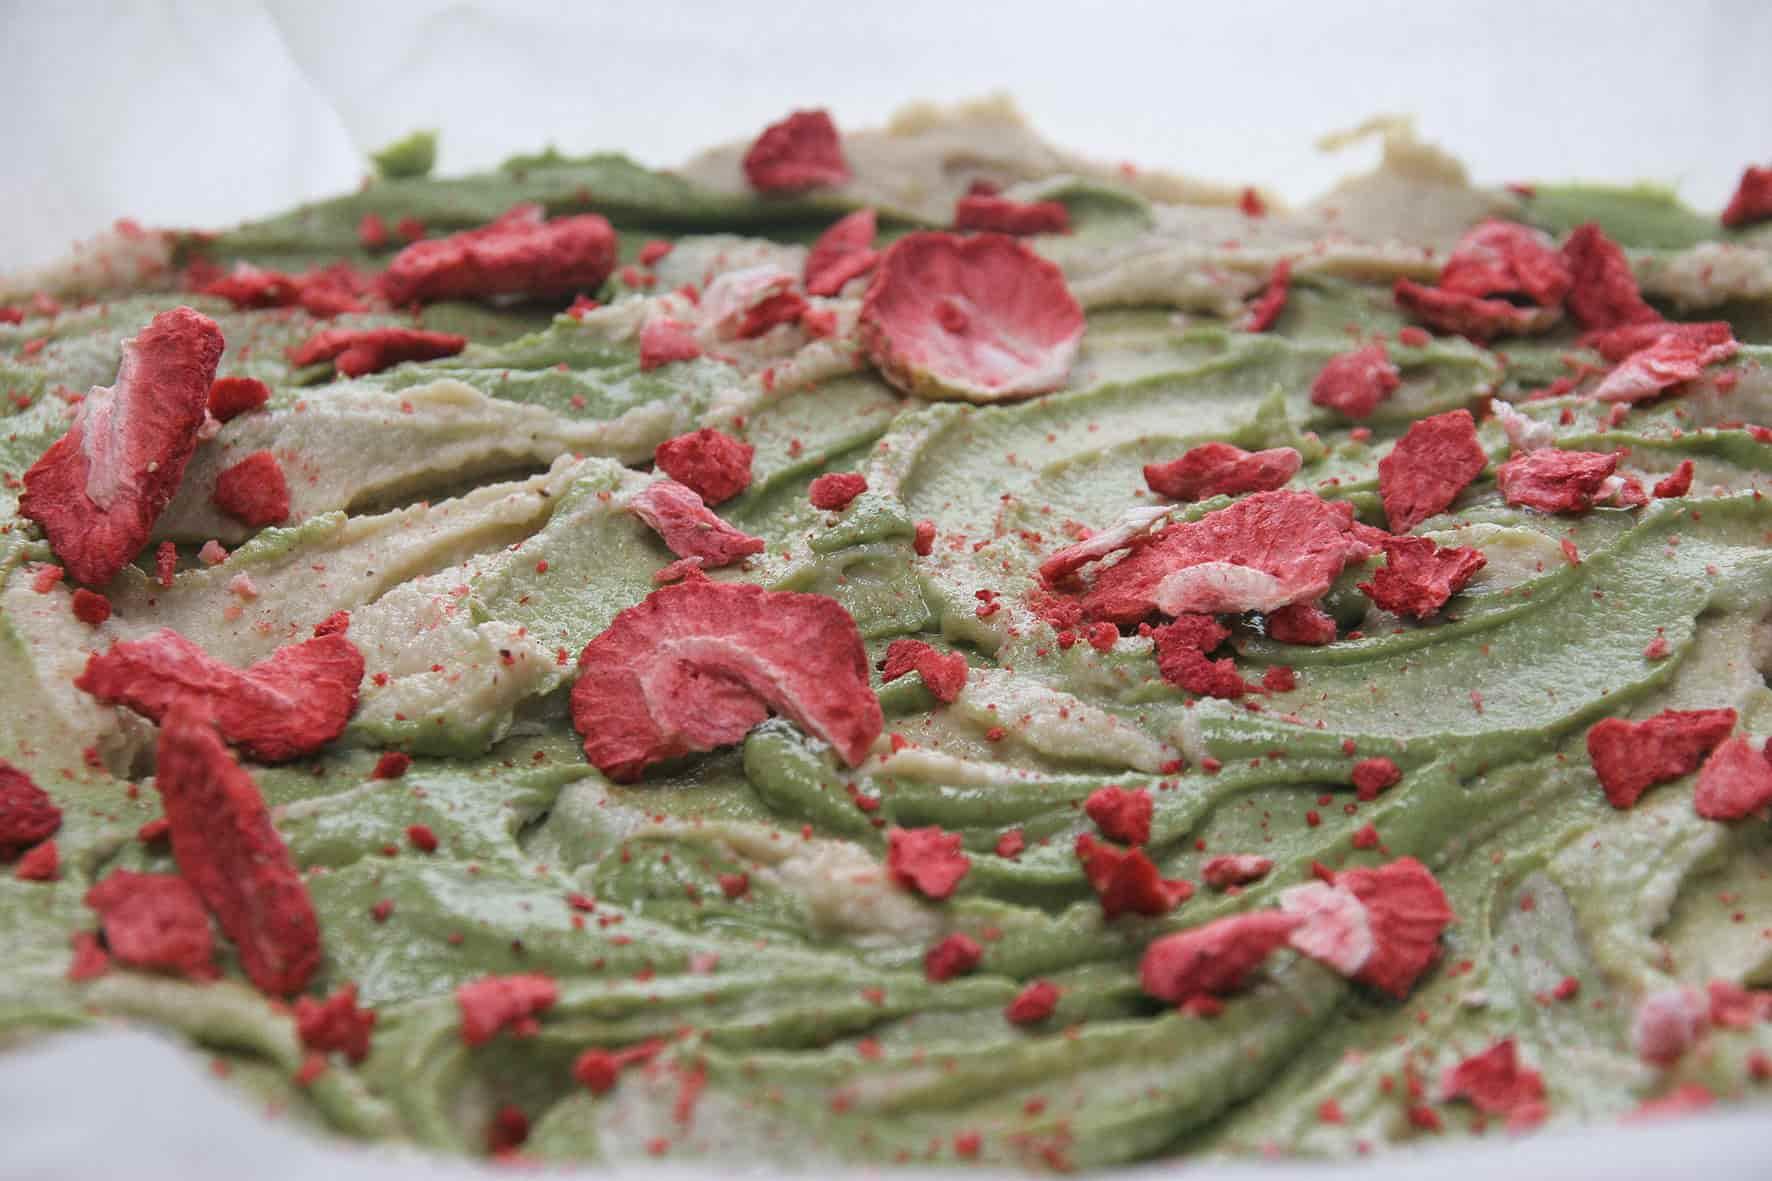 Gluten-free-chocolate-brownie-matcha-swirl-cream-cheese-frosting-9-recipe-dessert